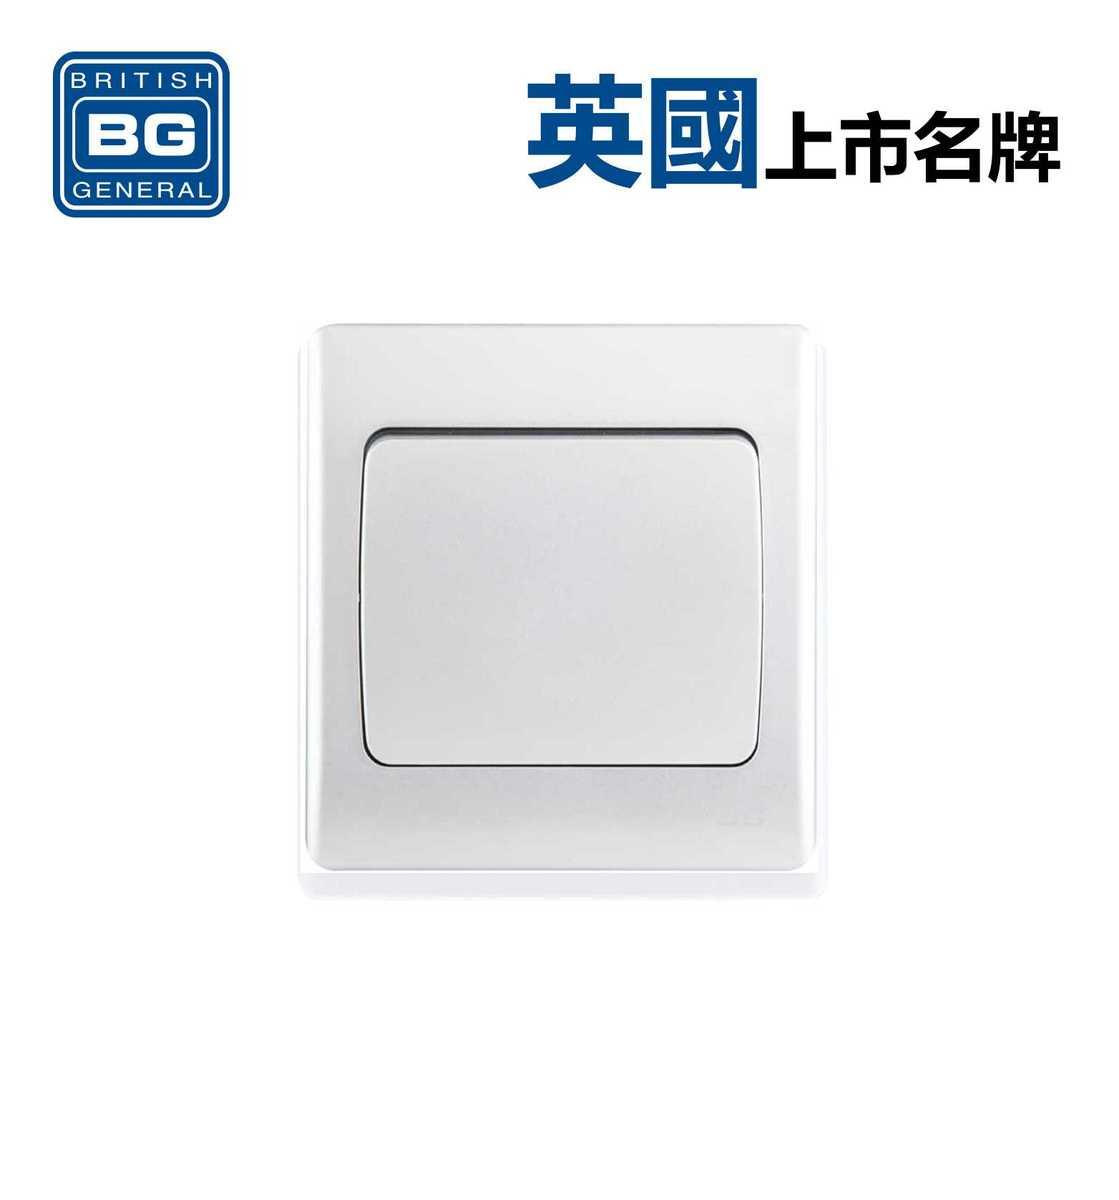 1位單向10A開關 -銀色 (型號 : PCSL11W)